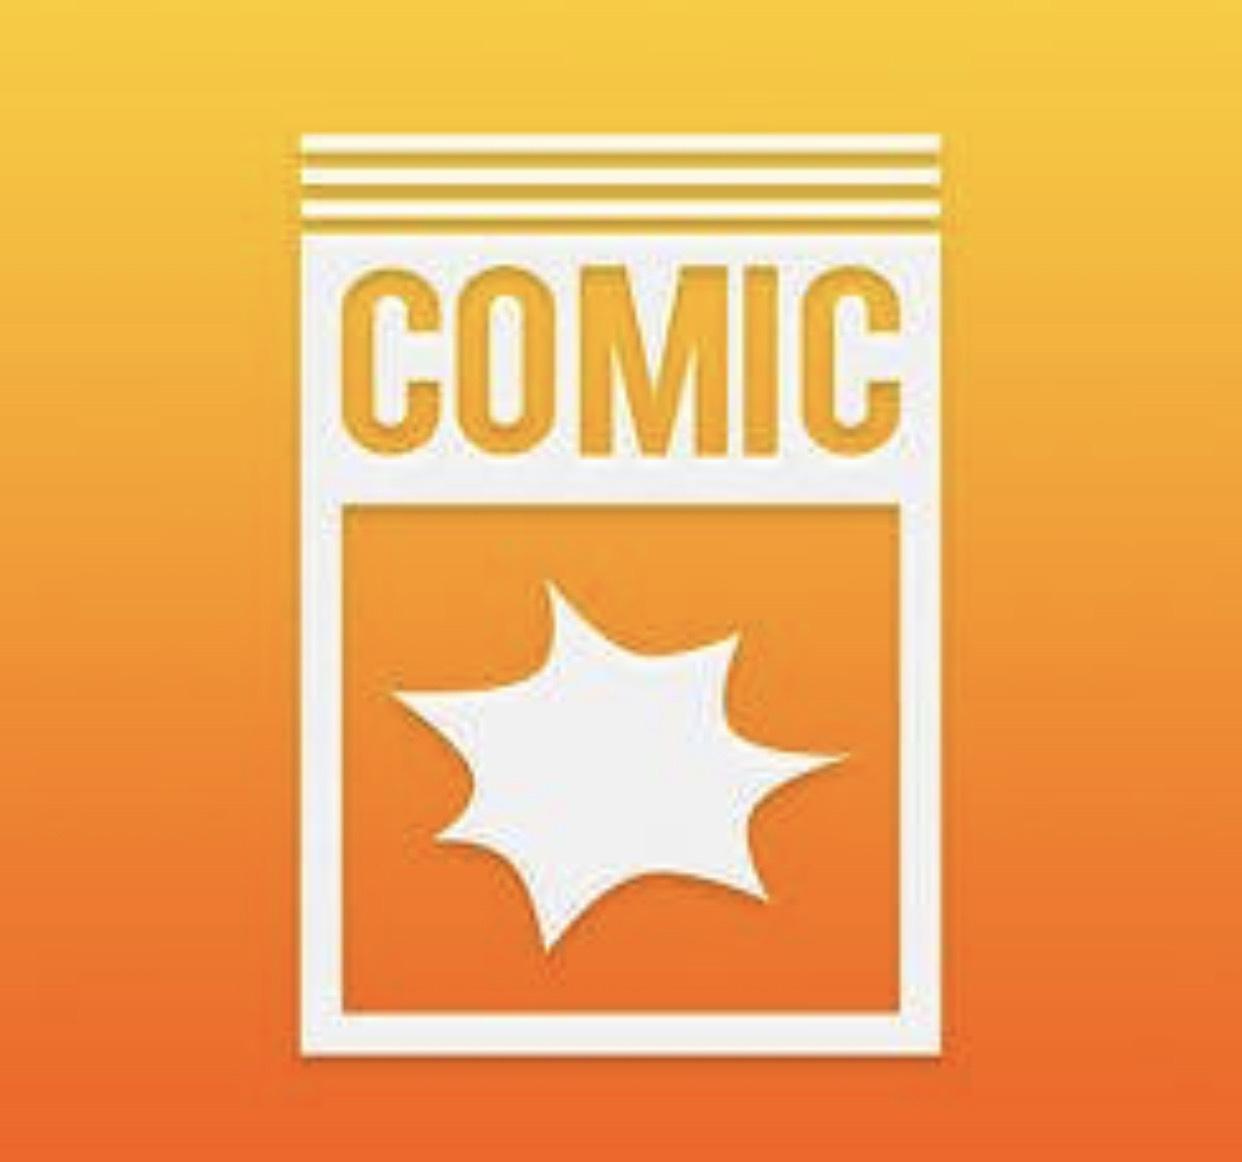 iComics für iOS kostenlos im AppStore.